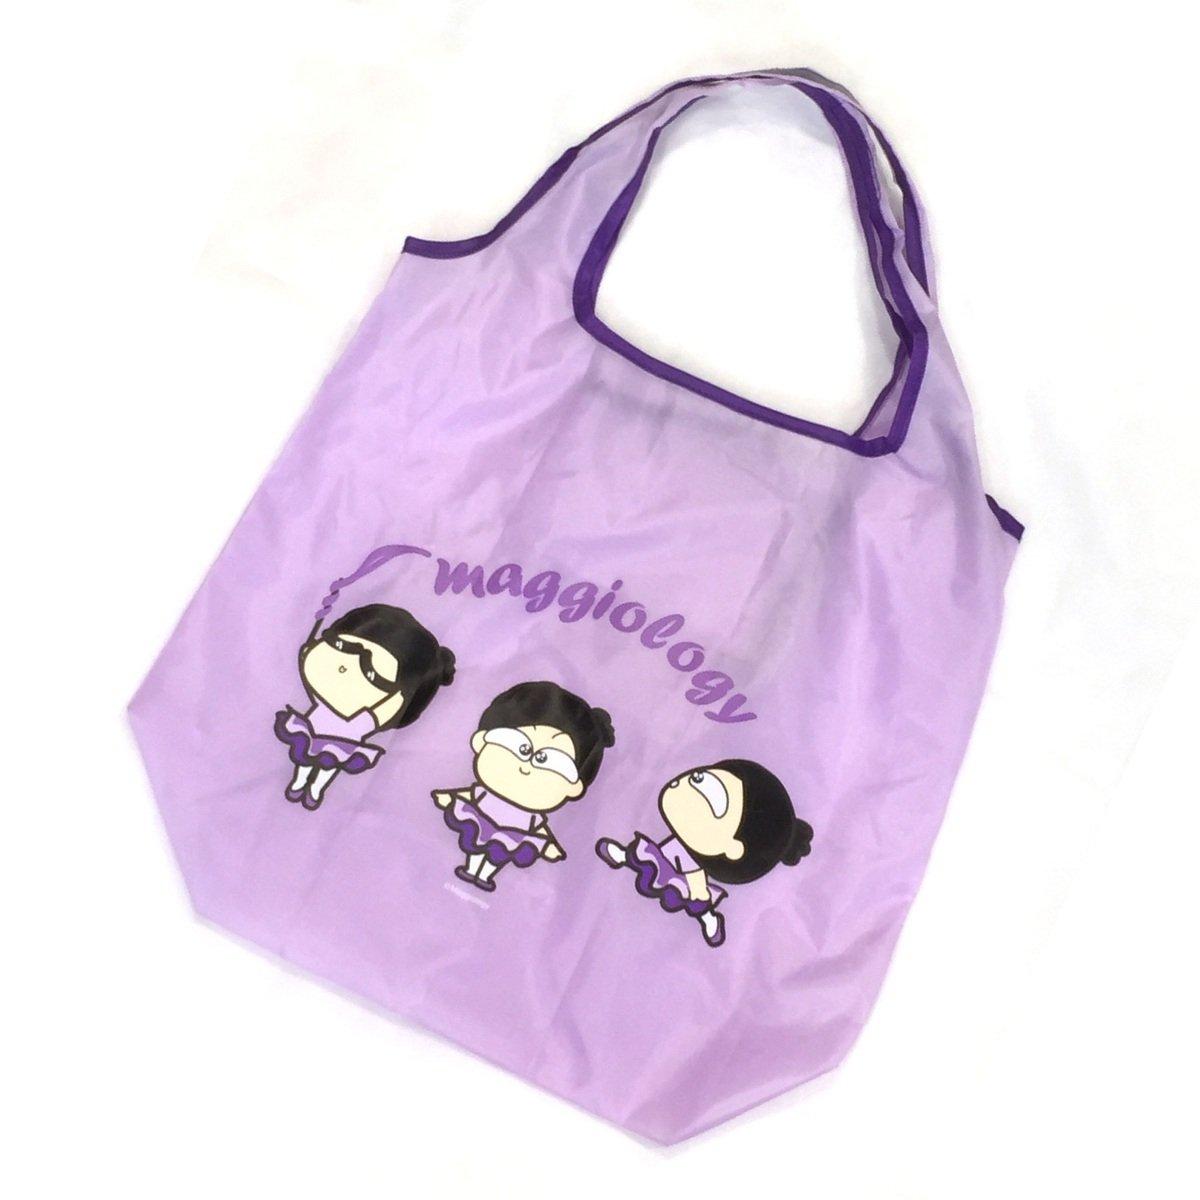 馬仔摺合式購物袋 (紫色)